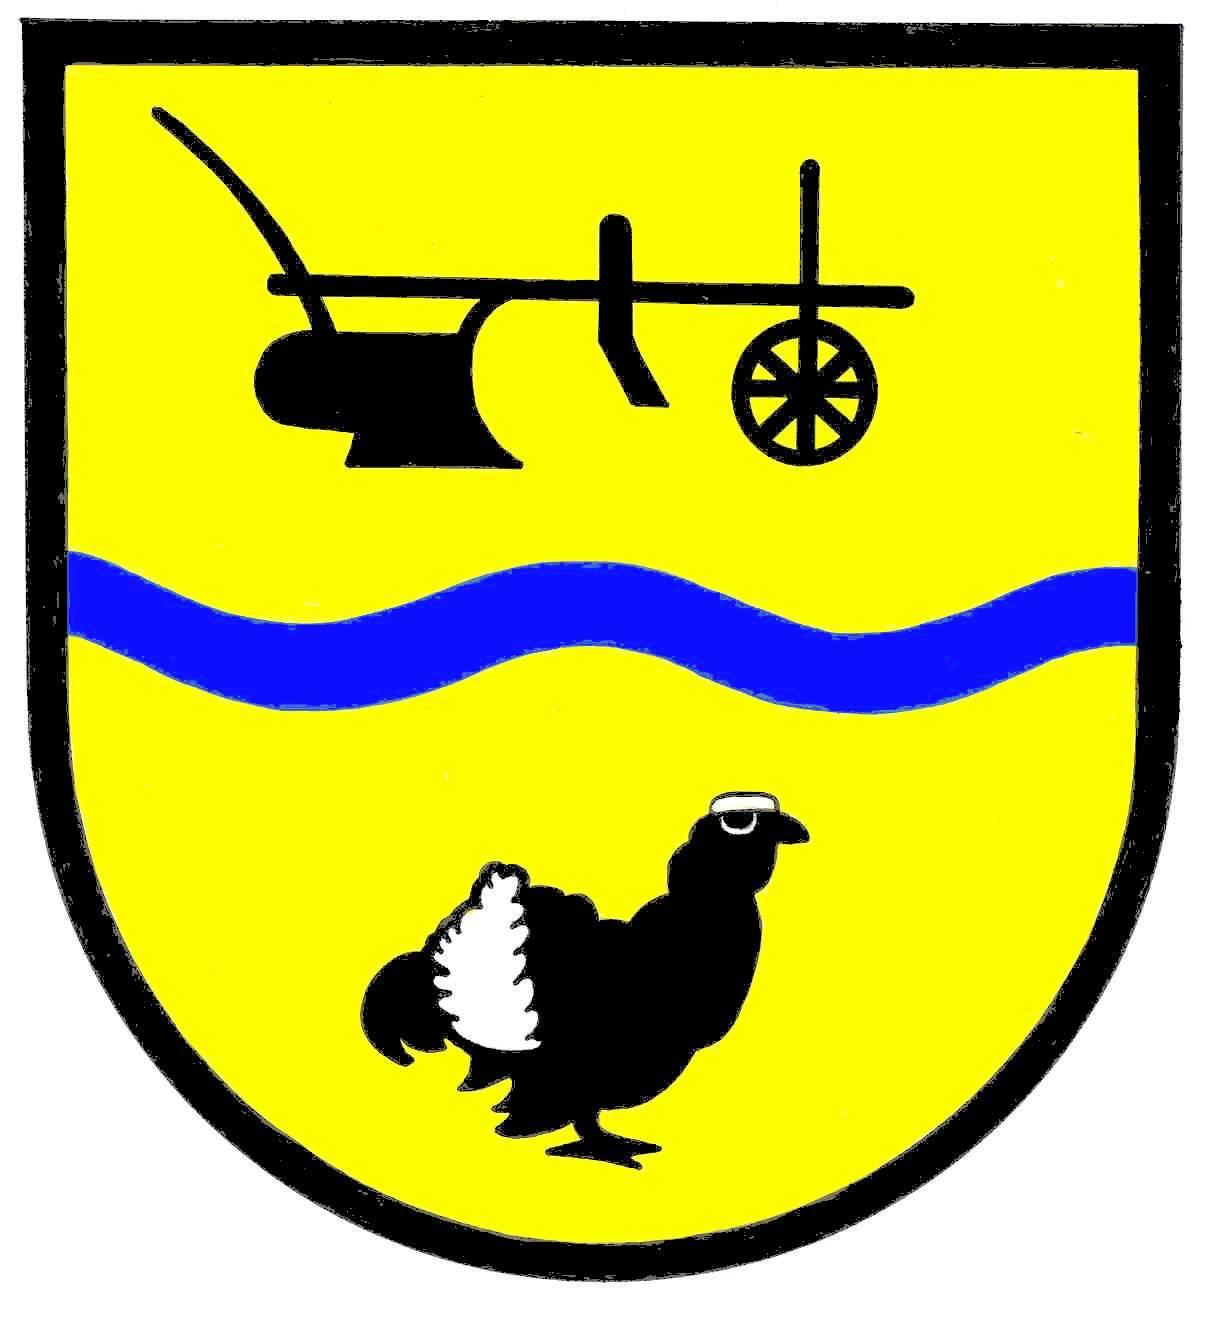 Wappen GemeindeDellstedt, Kreis Dithmarschen